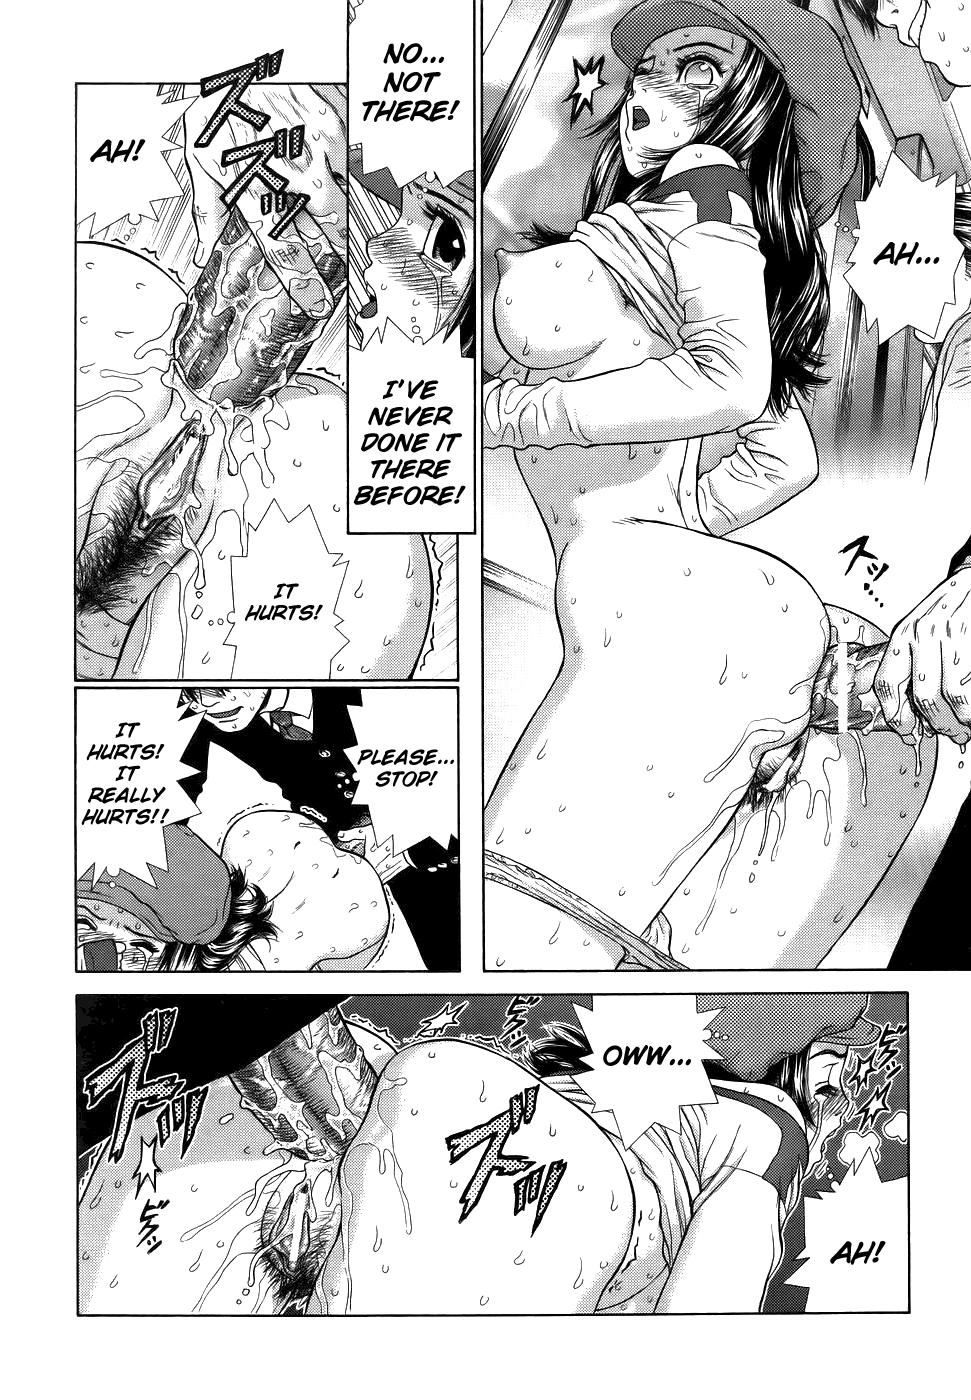 boichi hanzai wa dame desu no means no comic aun